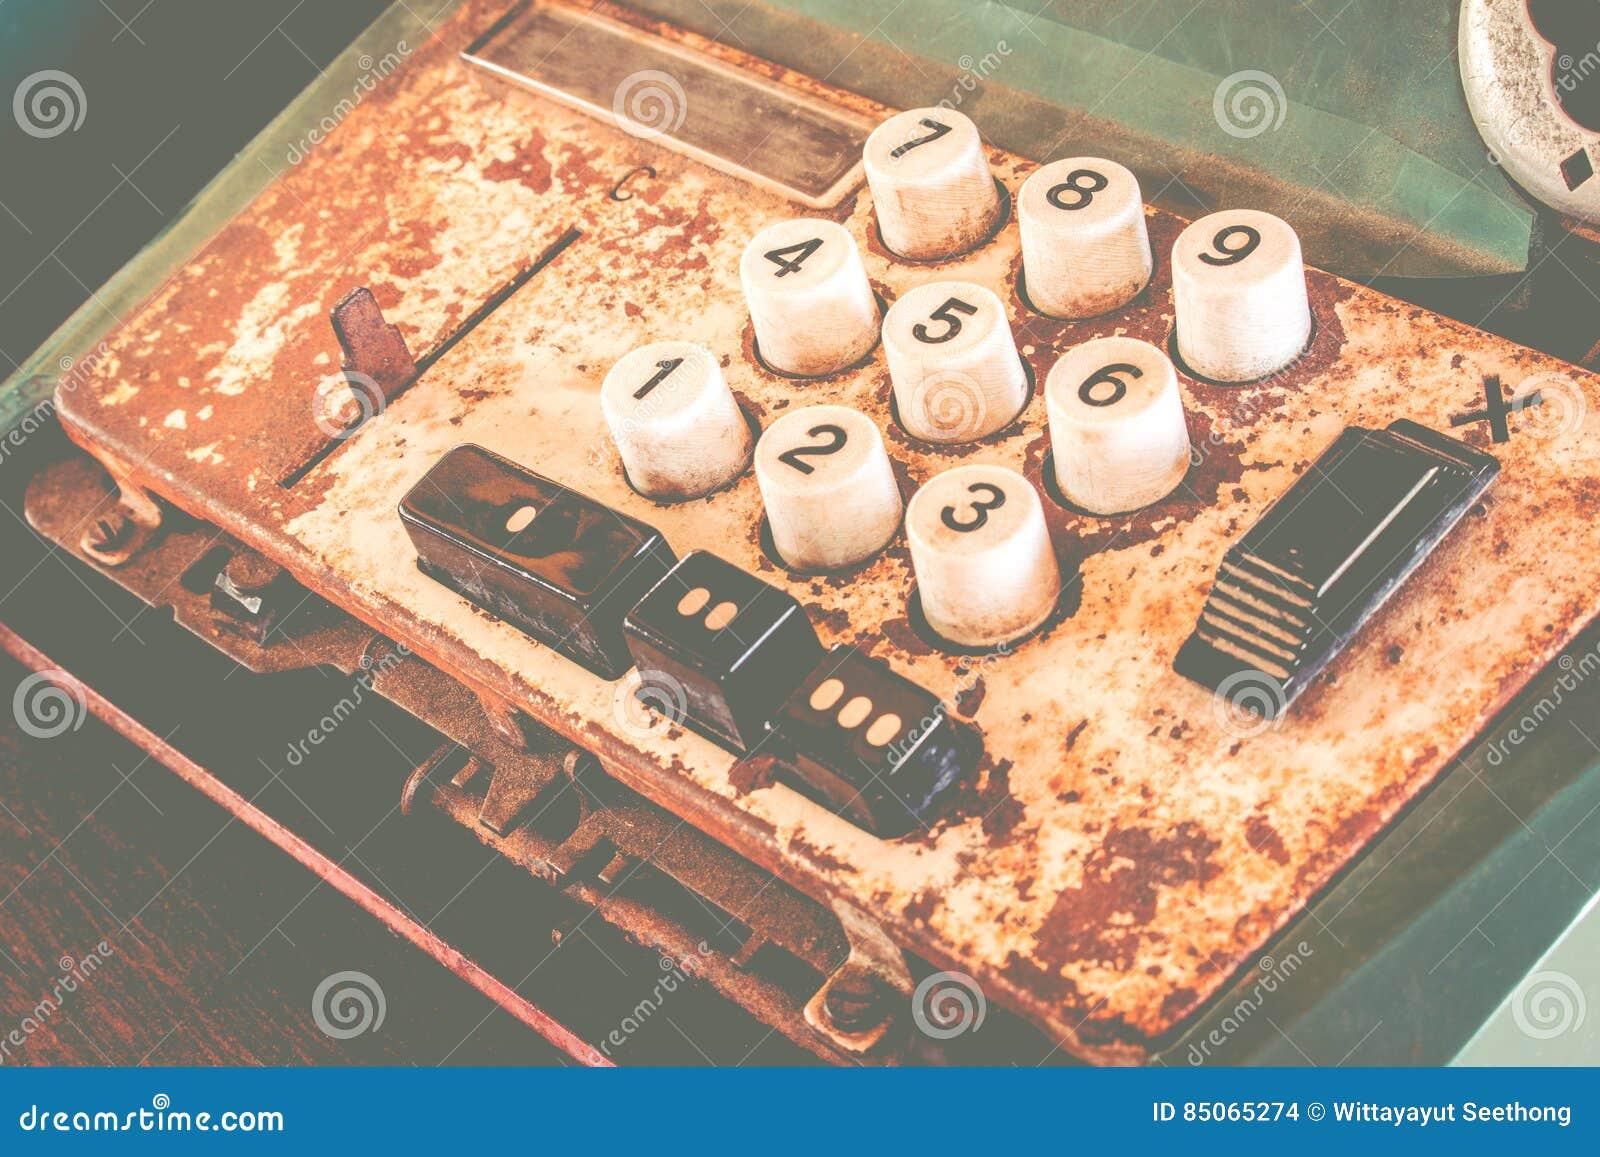 La vieille caisse enregistreuse antique, les machines à calculer ou l antiquité calculent dans la vieille épicerie